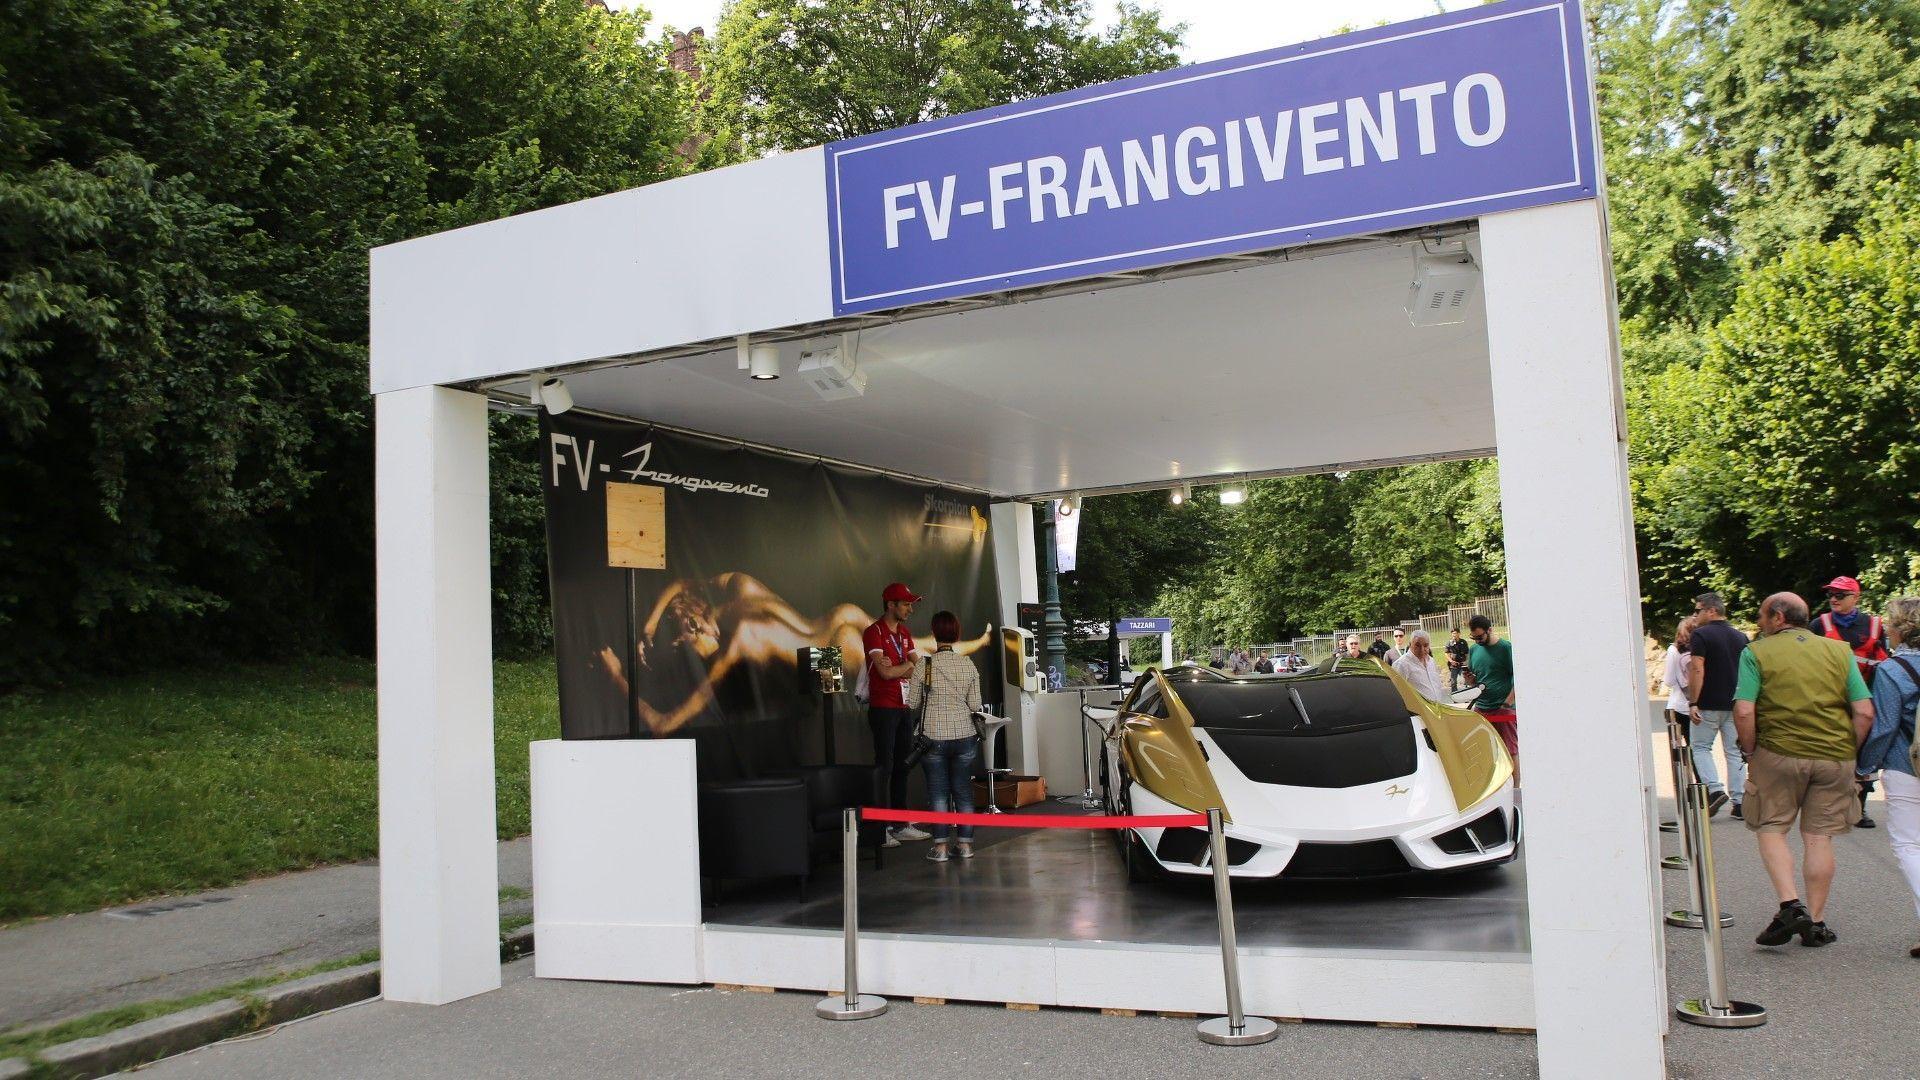 Frangivento_Charlotte_Roadster_09